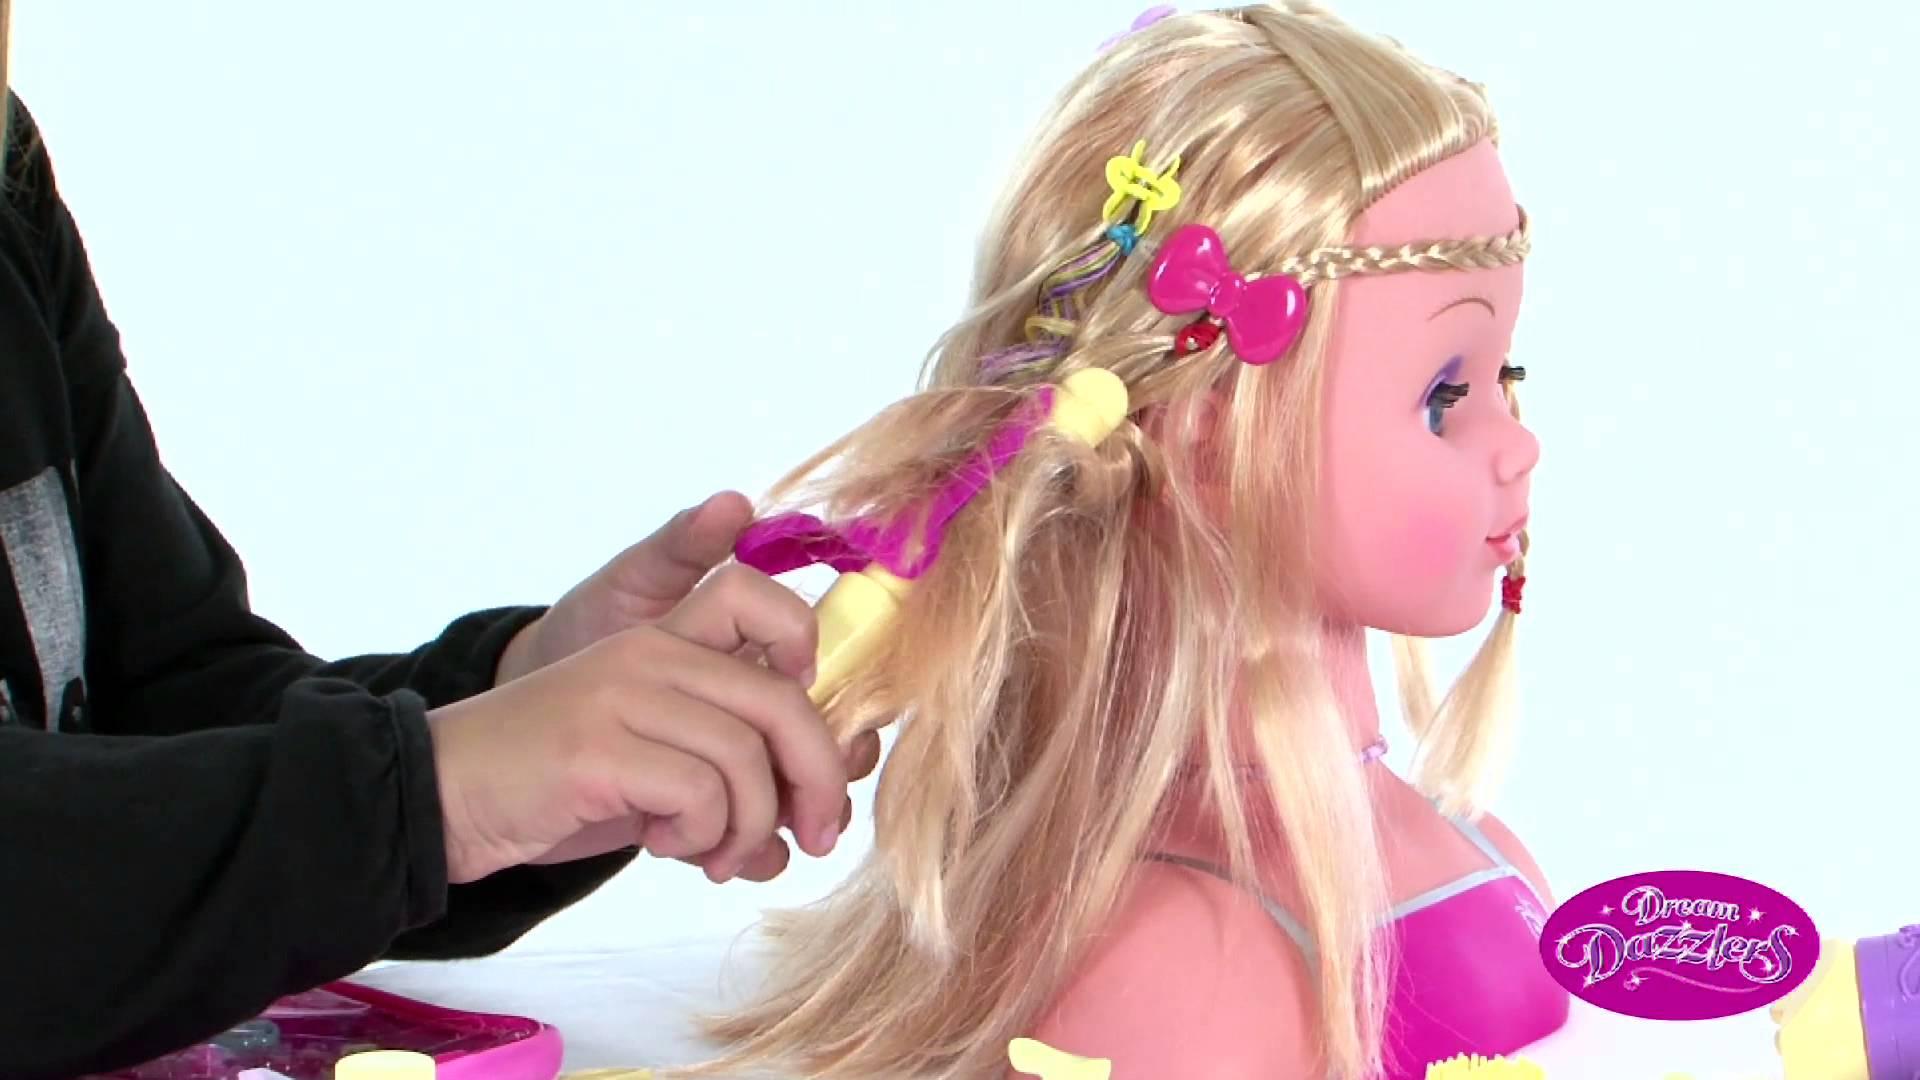 Comment entretenir une tête à coiffer ?